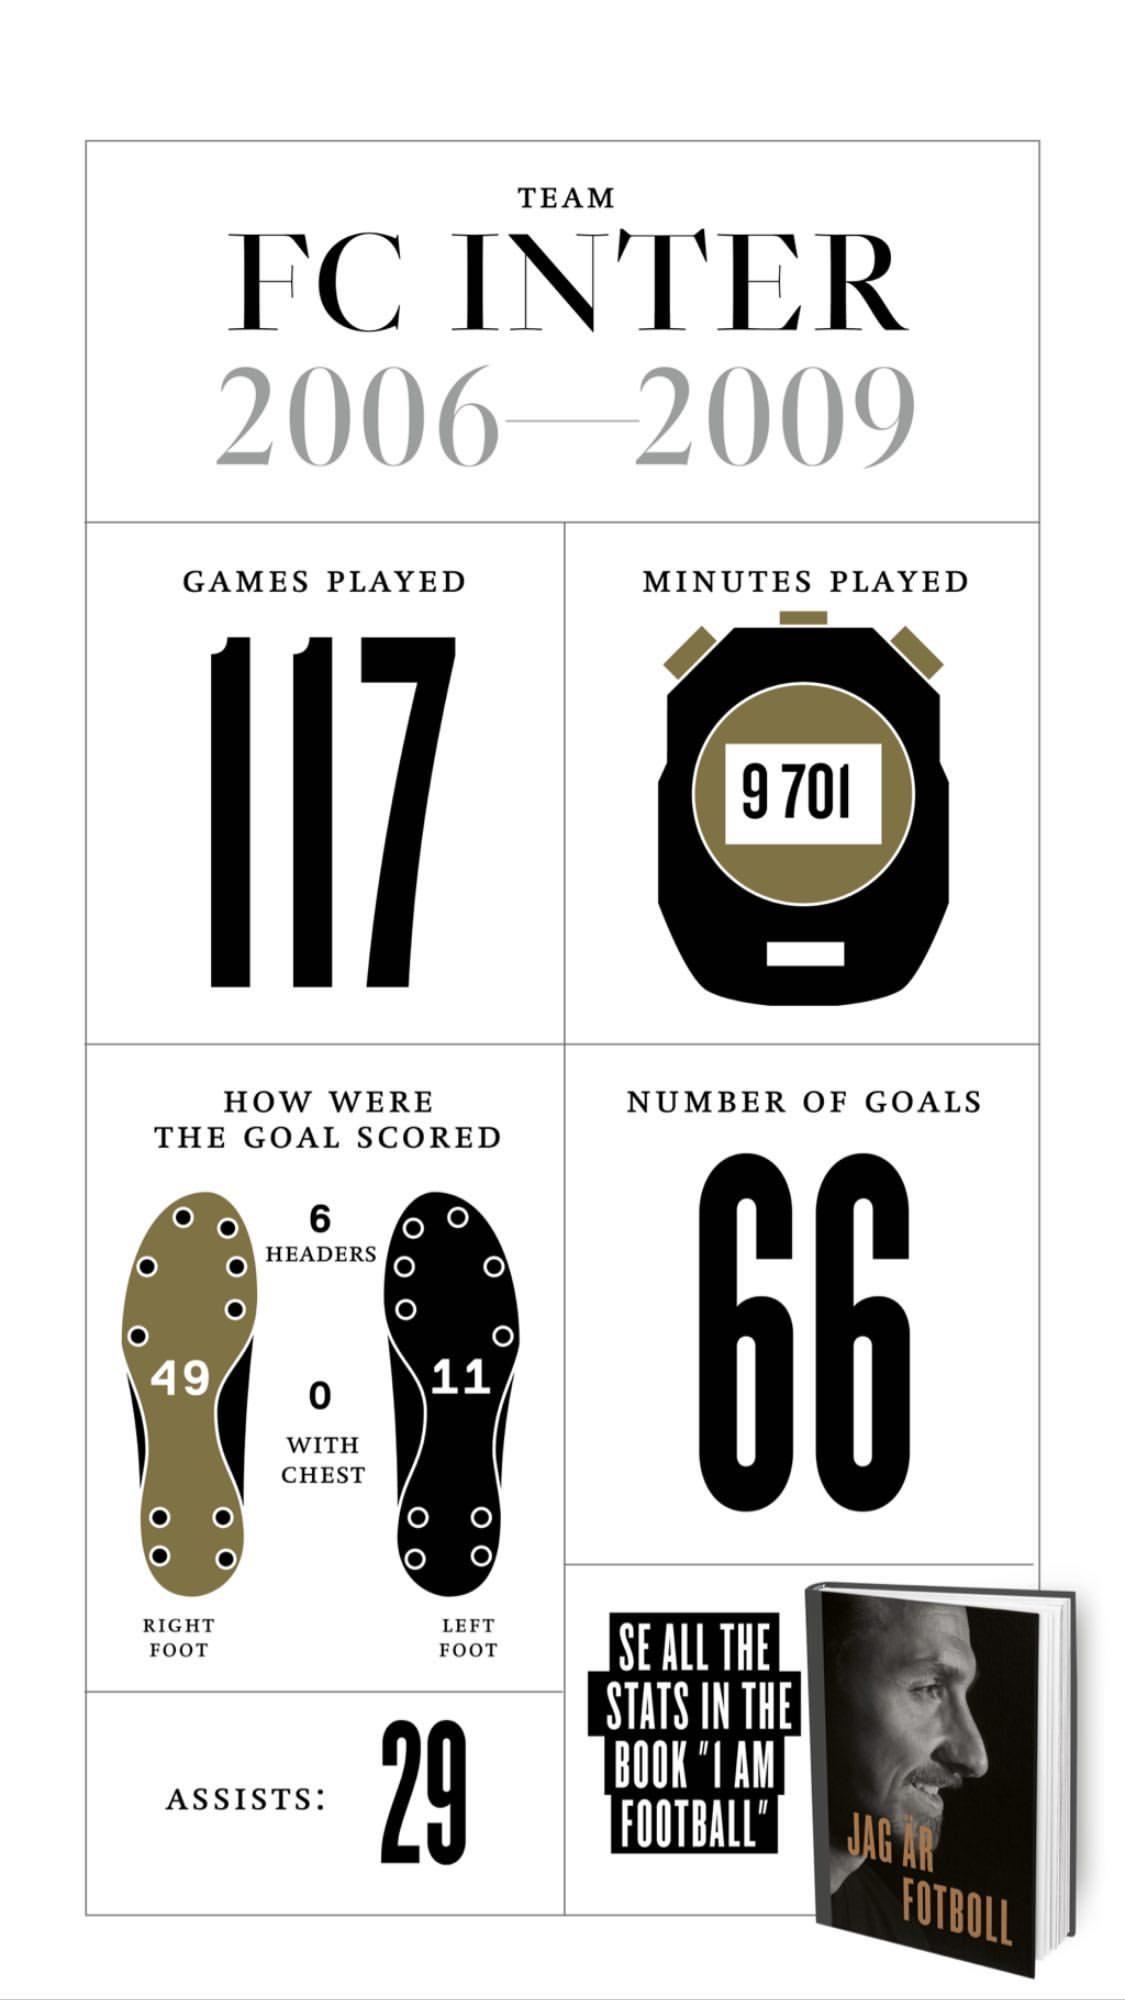 Златистика: интересные цифры Златана Ибрагимовича (Фото) - изображение 4